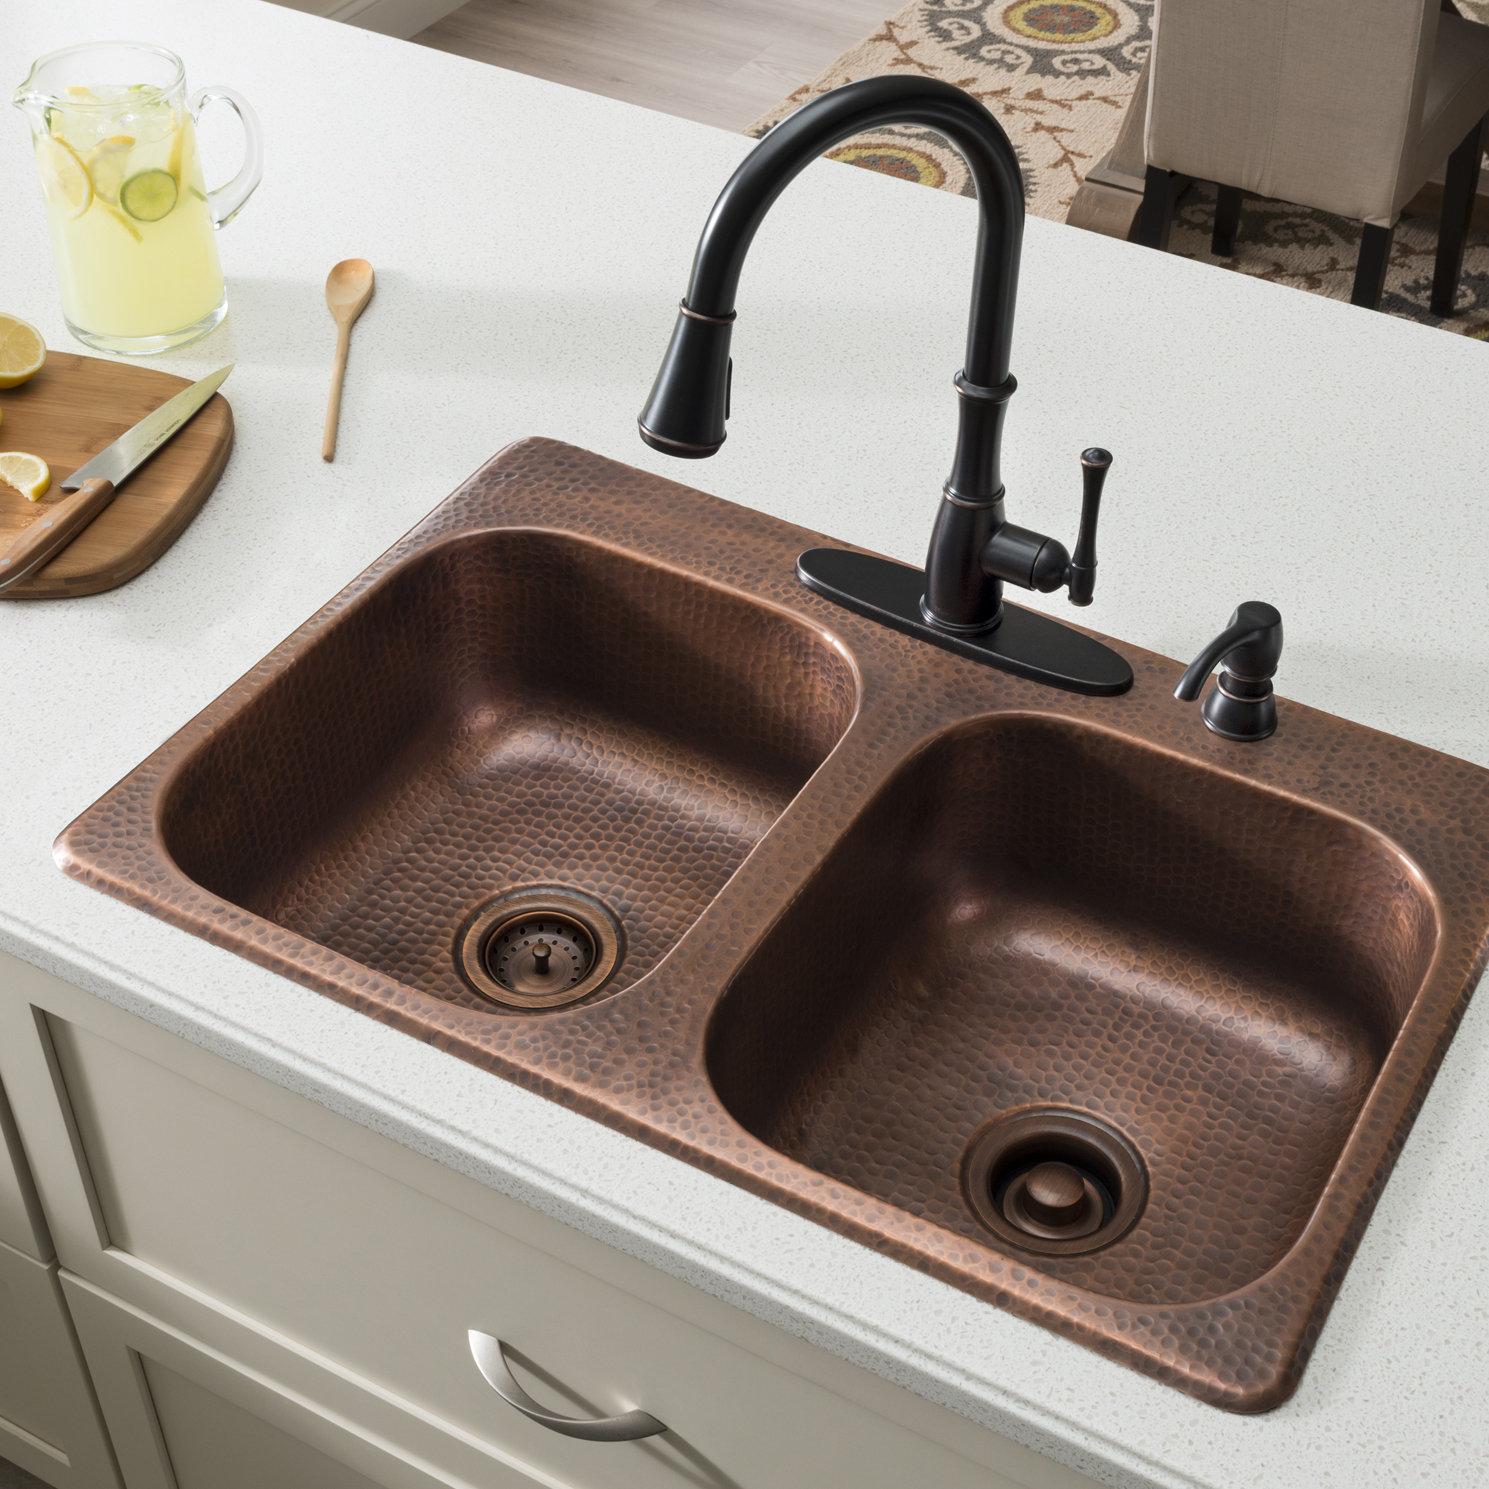 Sinkology Raphael 33 L X 22 W Double Bowl Drop In Kitchen Sink